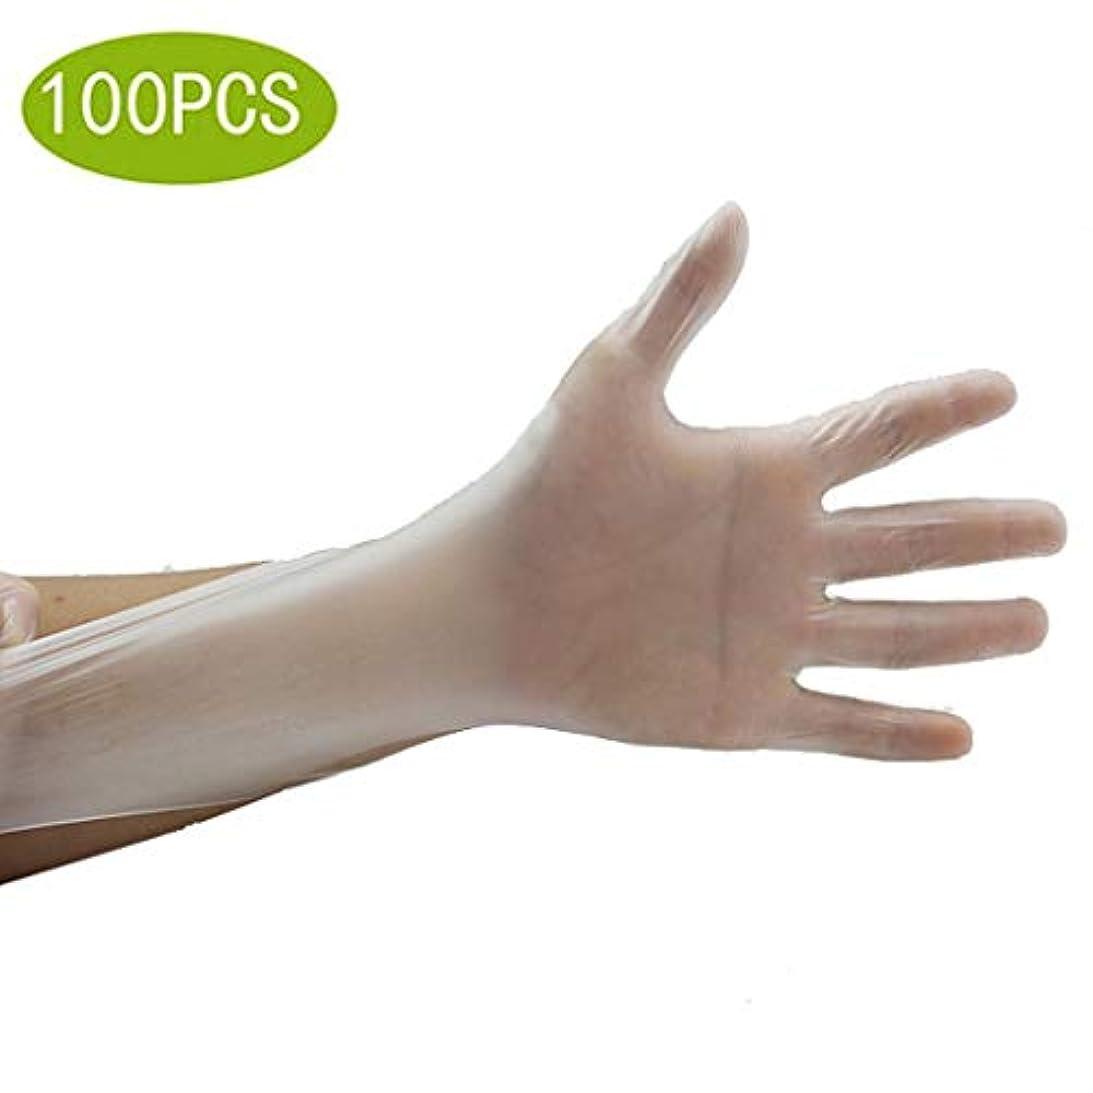 ストローク矛盾する必要としている使い捨てビニール手袋、無菌、パウダーフリー、スムースタッチ、フードサービスグレード、ミディアムサイズ[100パック] (Color : White)